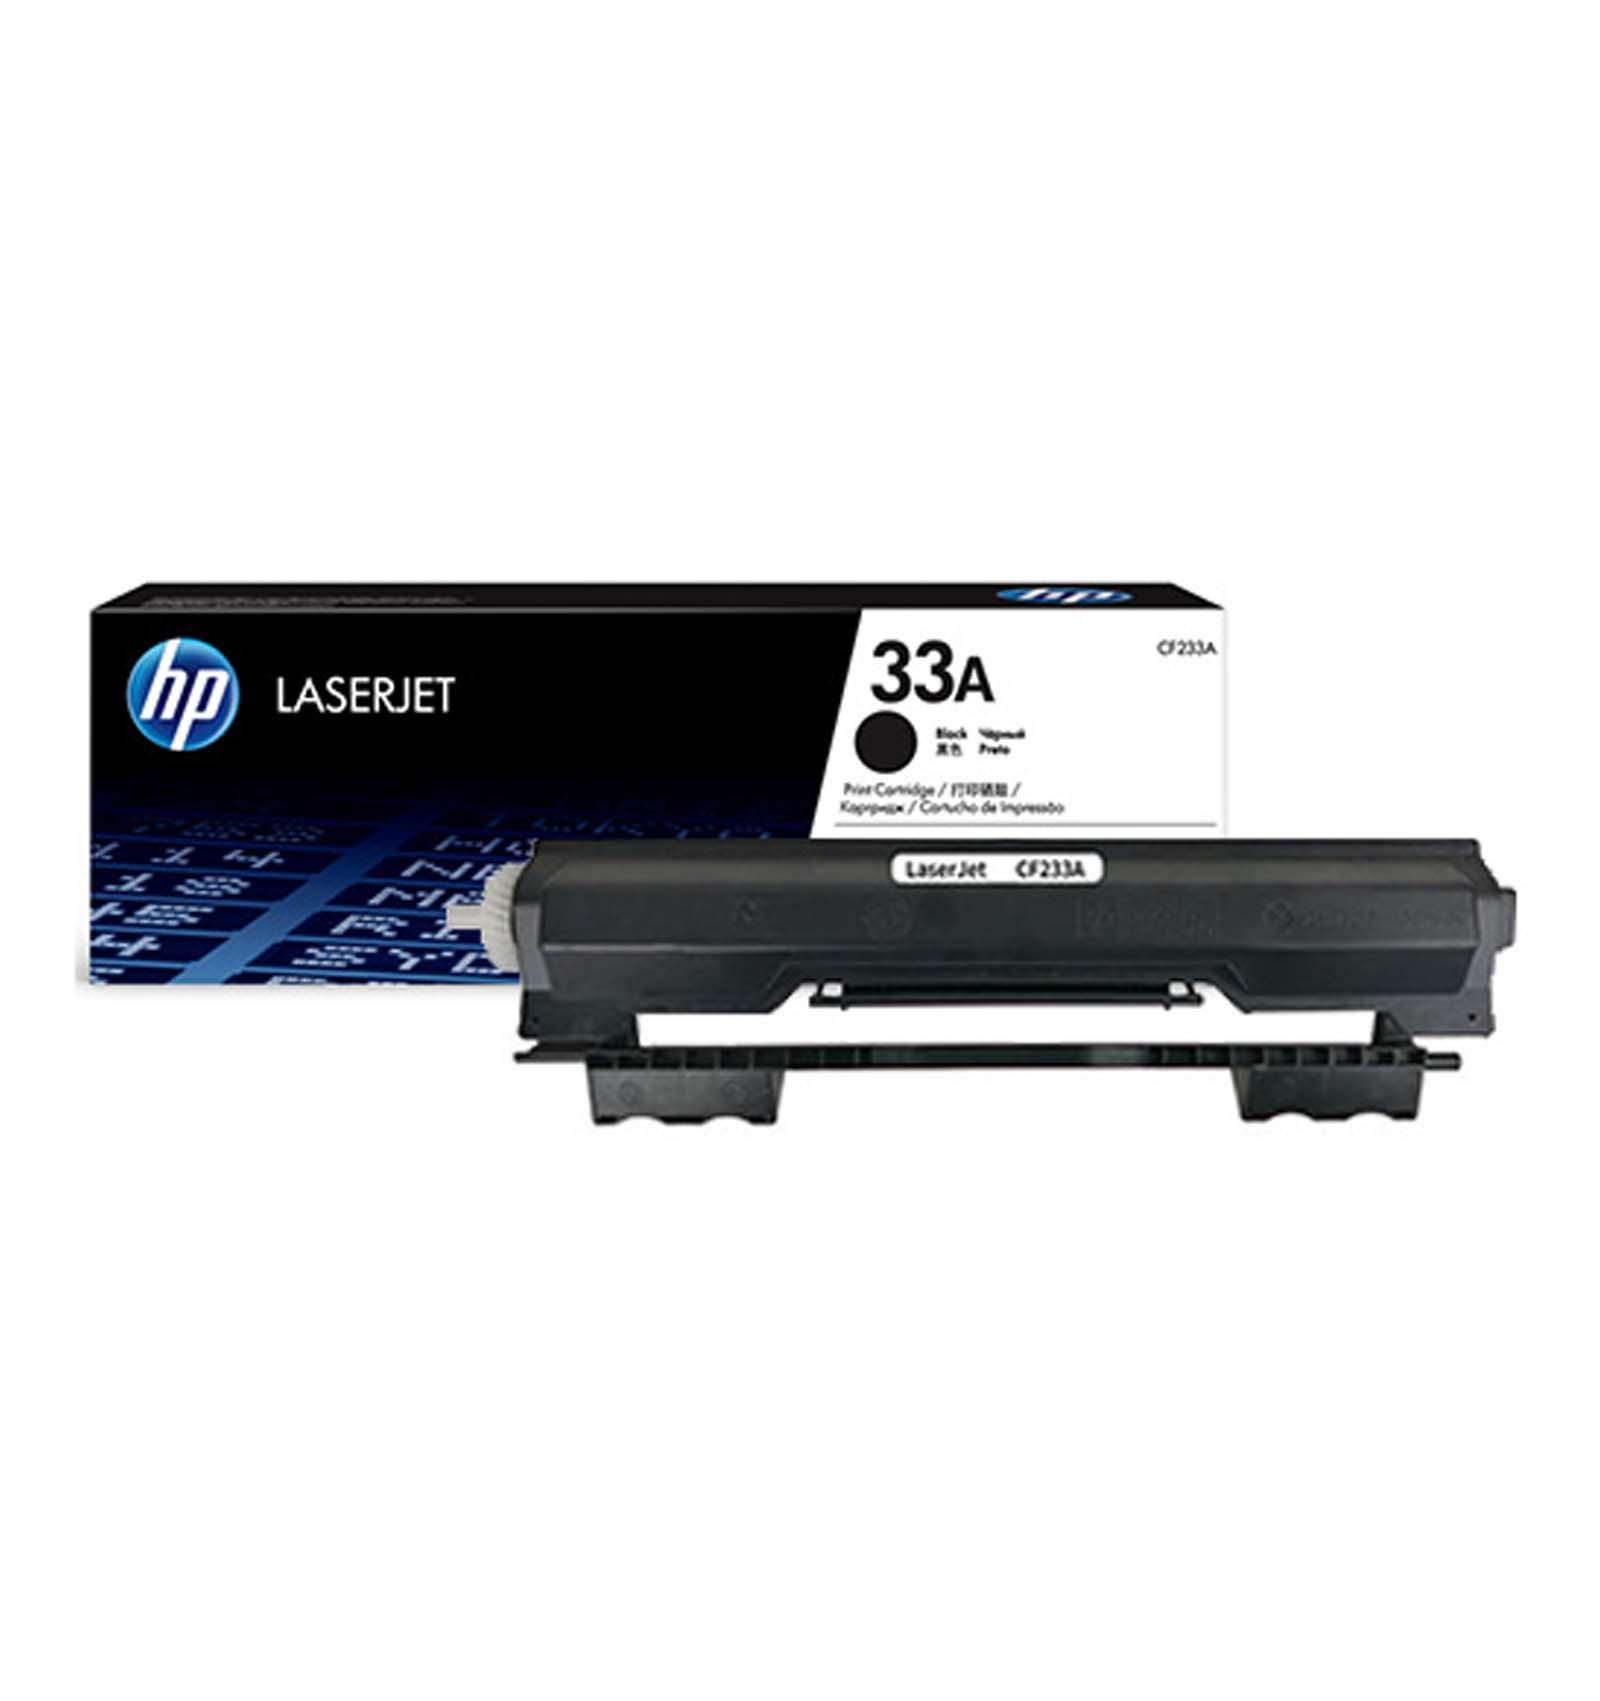 Заправка картриджа HP CF233A (33A) для HP LaserJet M106/M134